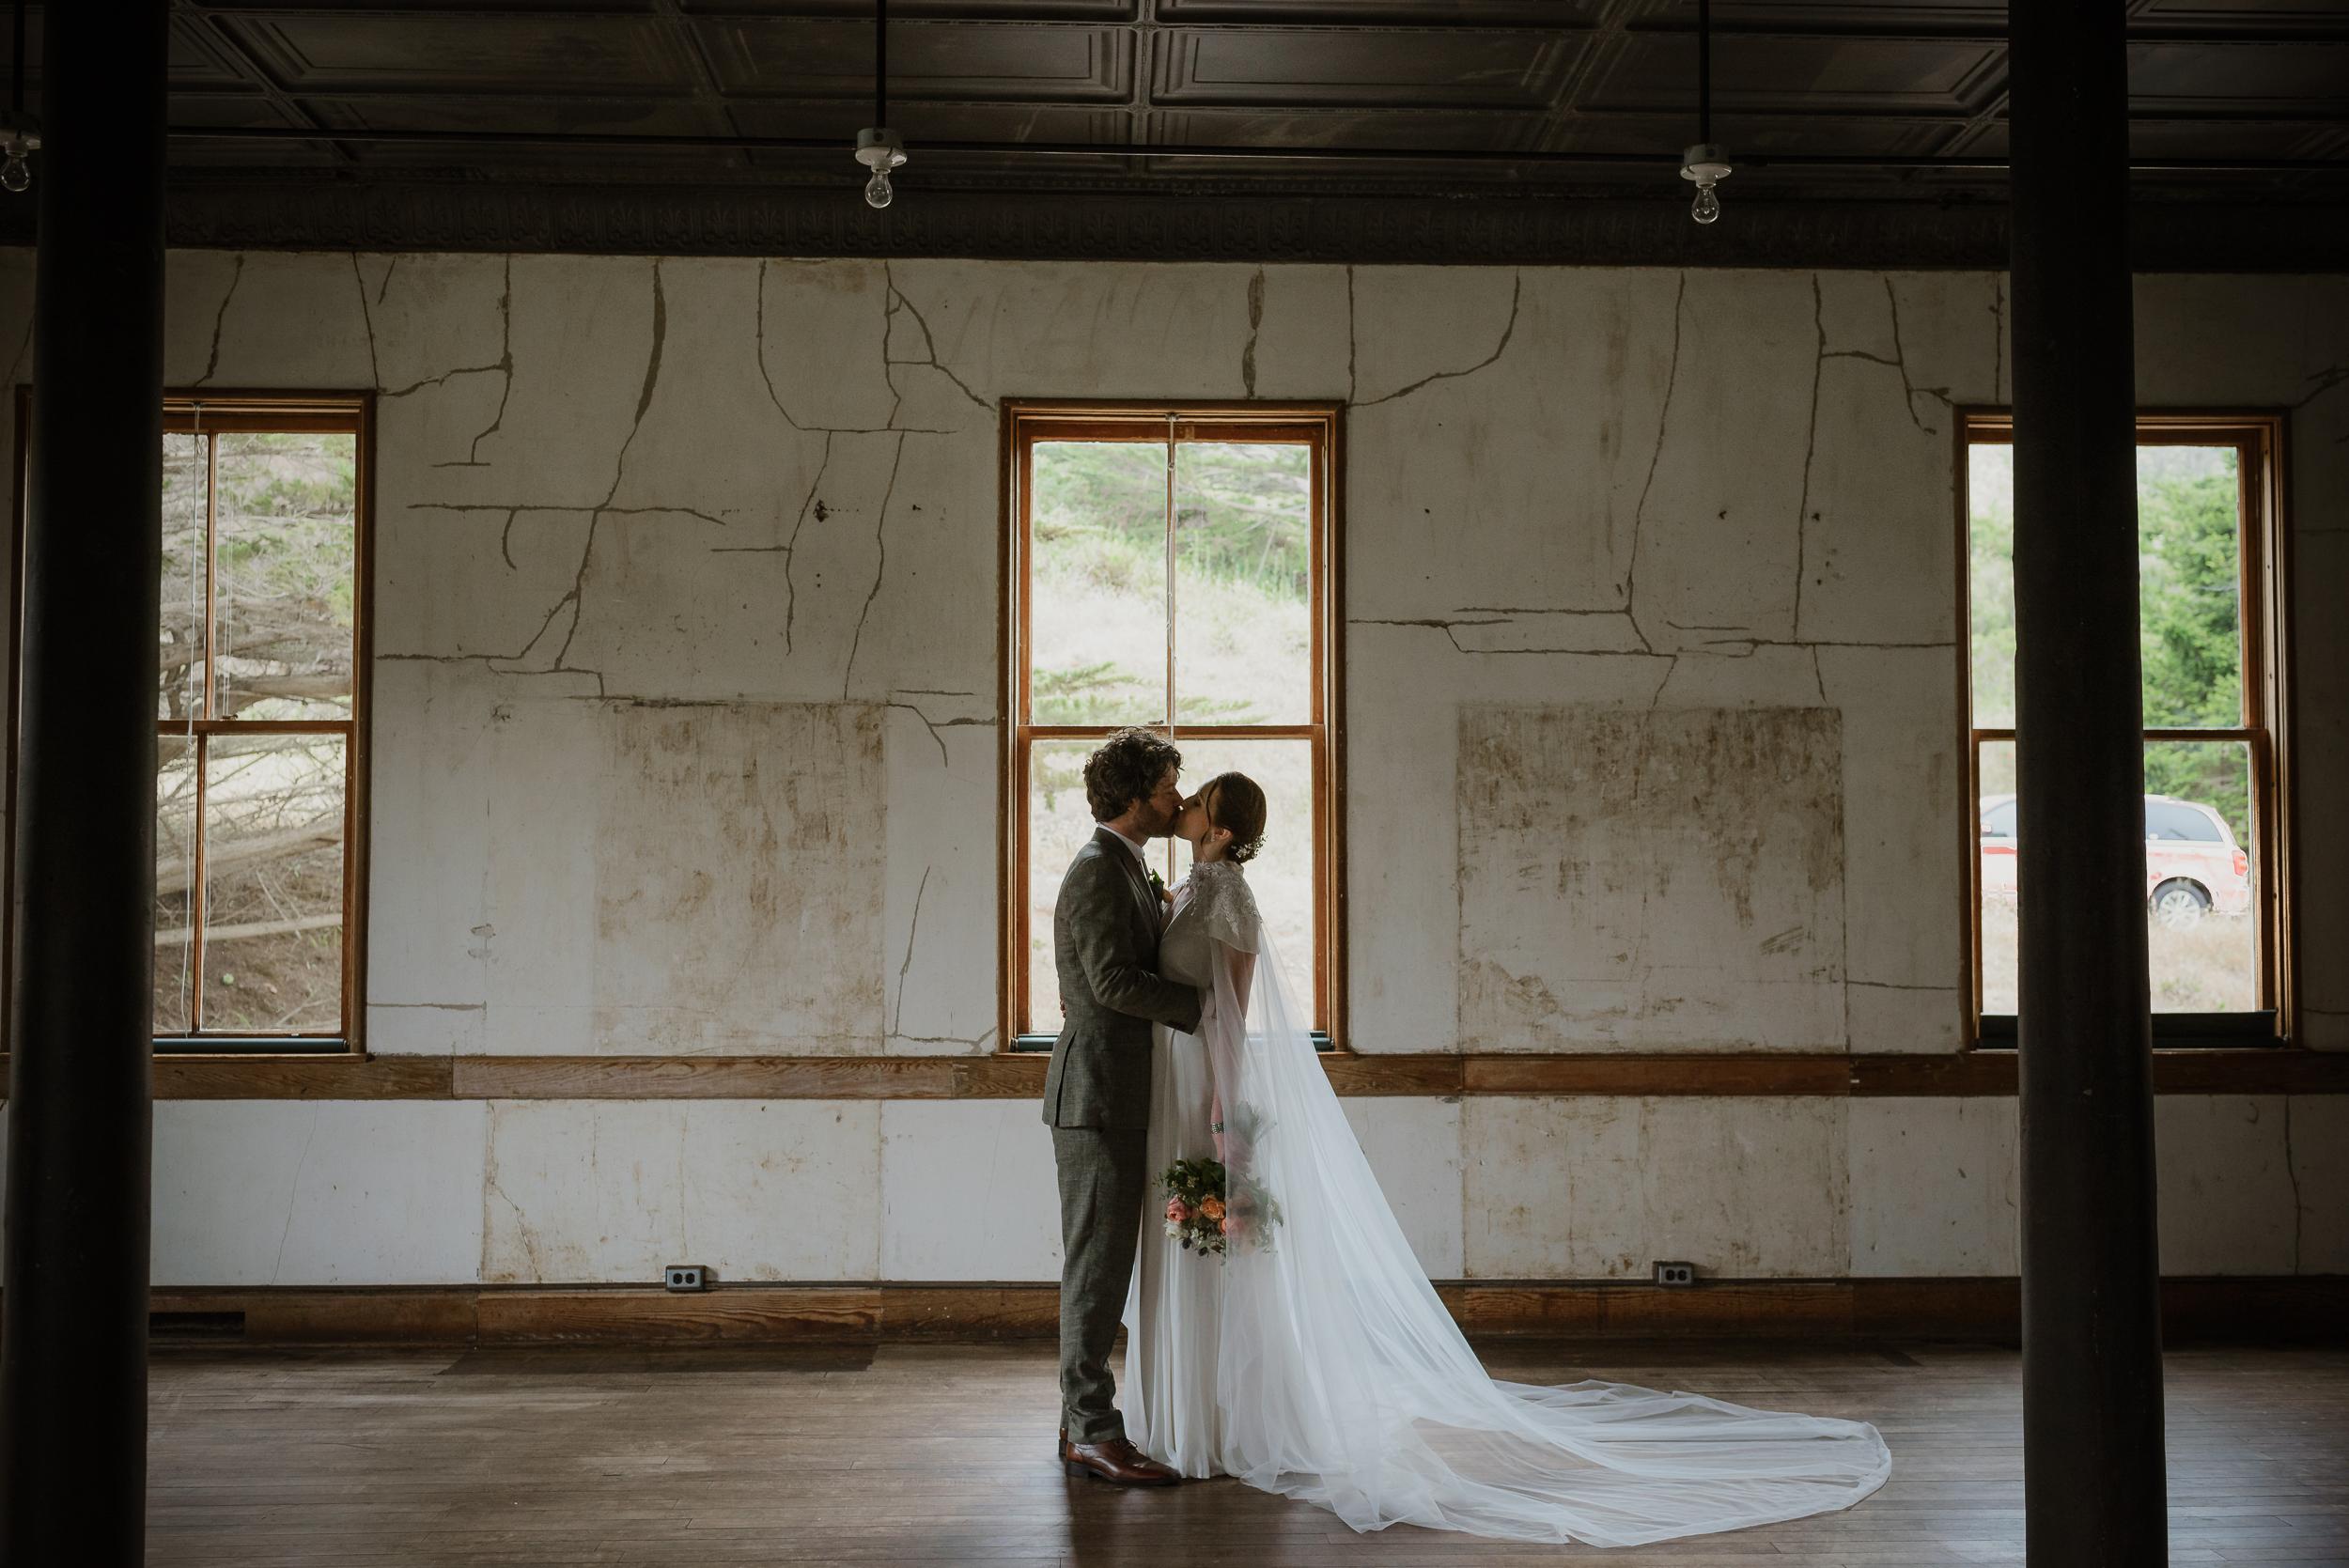 027-san-francisco-headlands-center-for-the-arts-wedding-vivianchen-249.jpg